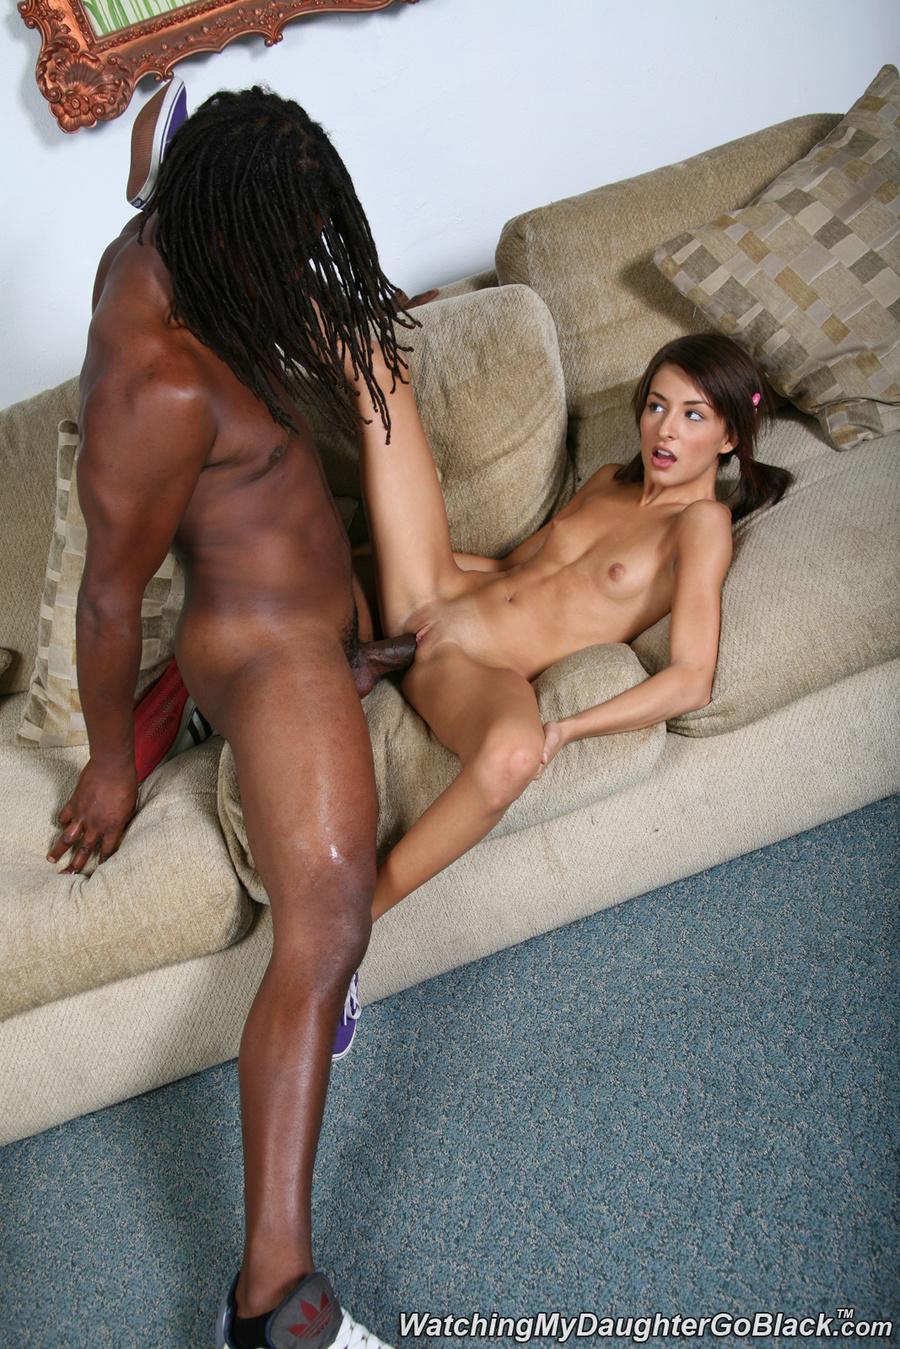 explicit sex position videos